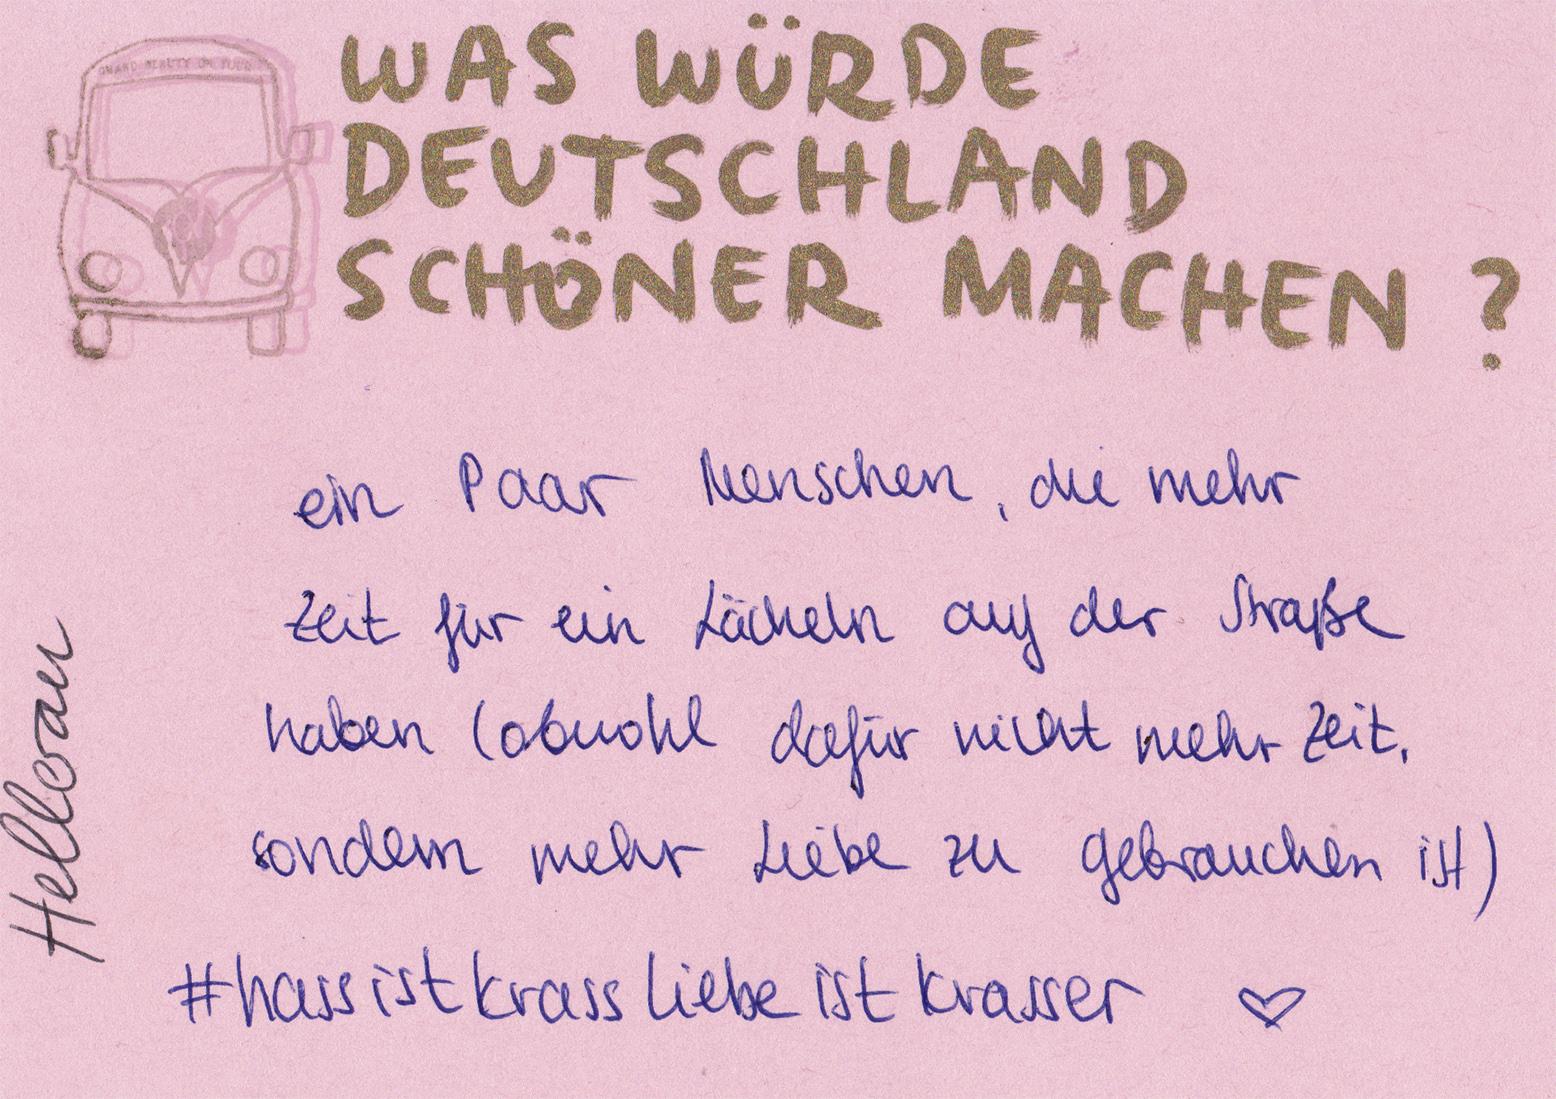 7b-Hellerau-statements-liebe-ist-krasser.jpg